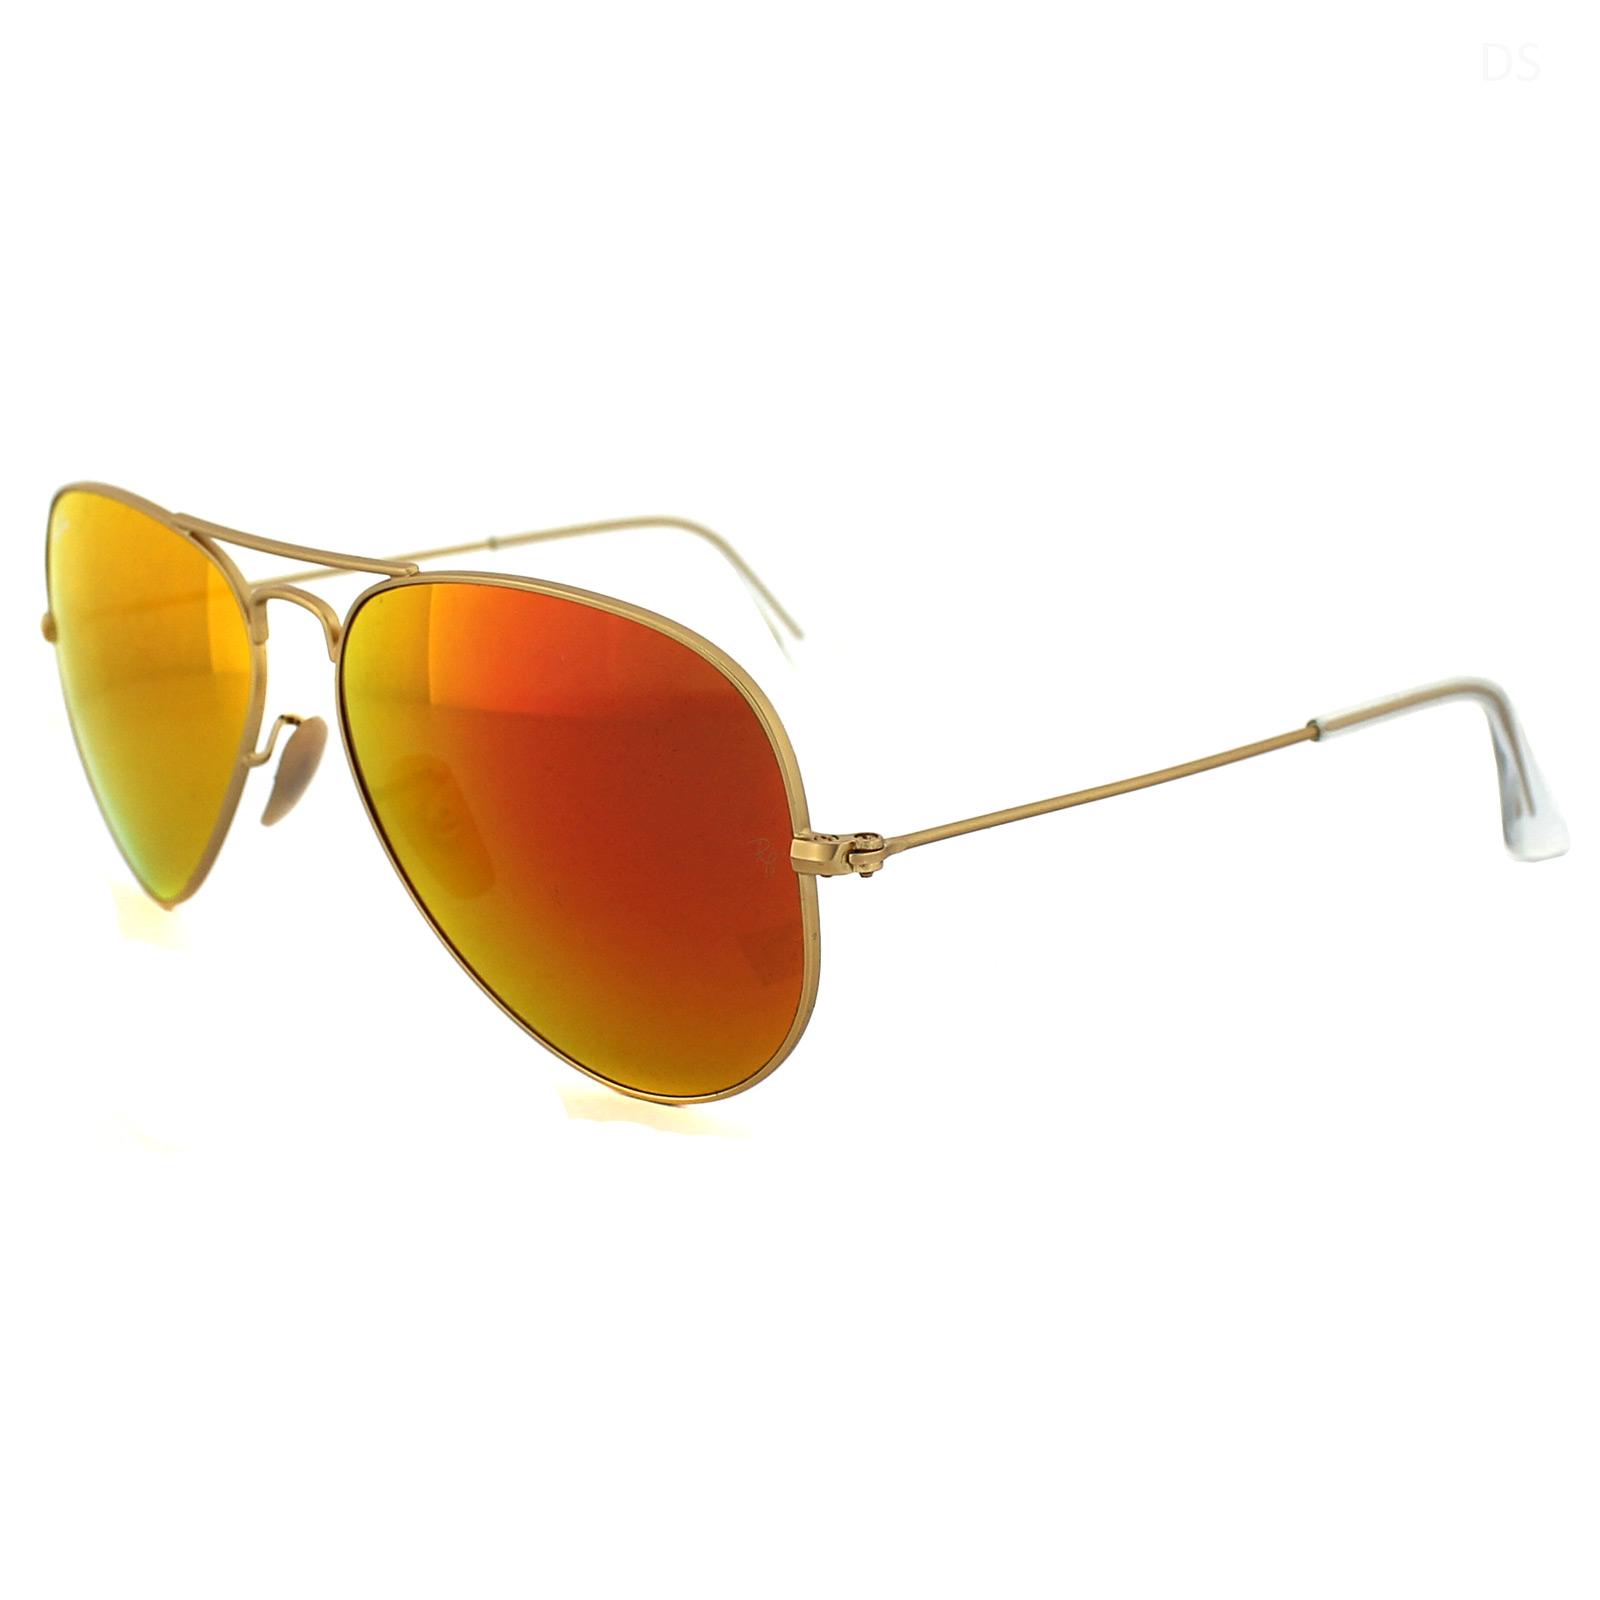 f8619cd99f ... reduced sentinel rayban sunglasses aviator 3025 112 69 matt gold brown  mirror 58mm 2df2c 657b6